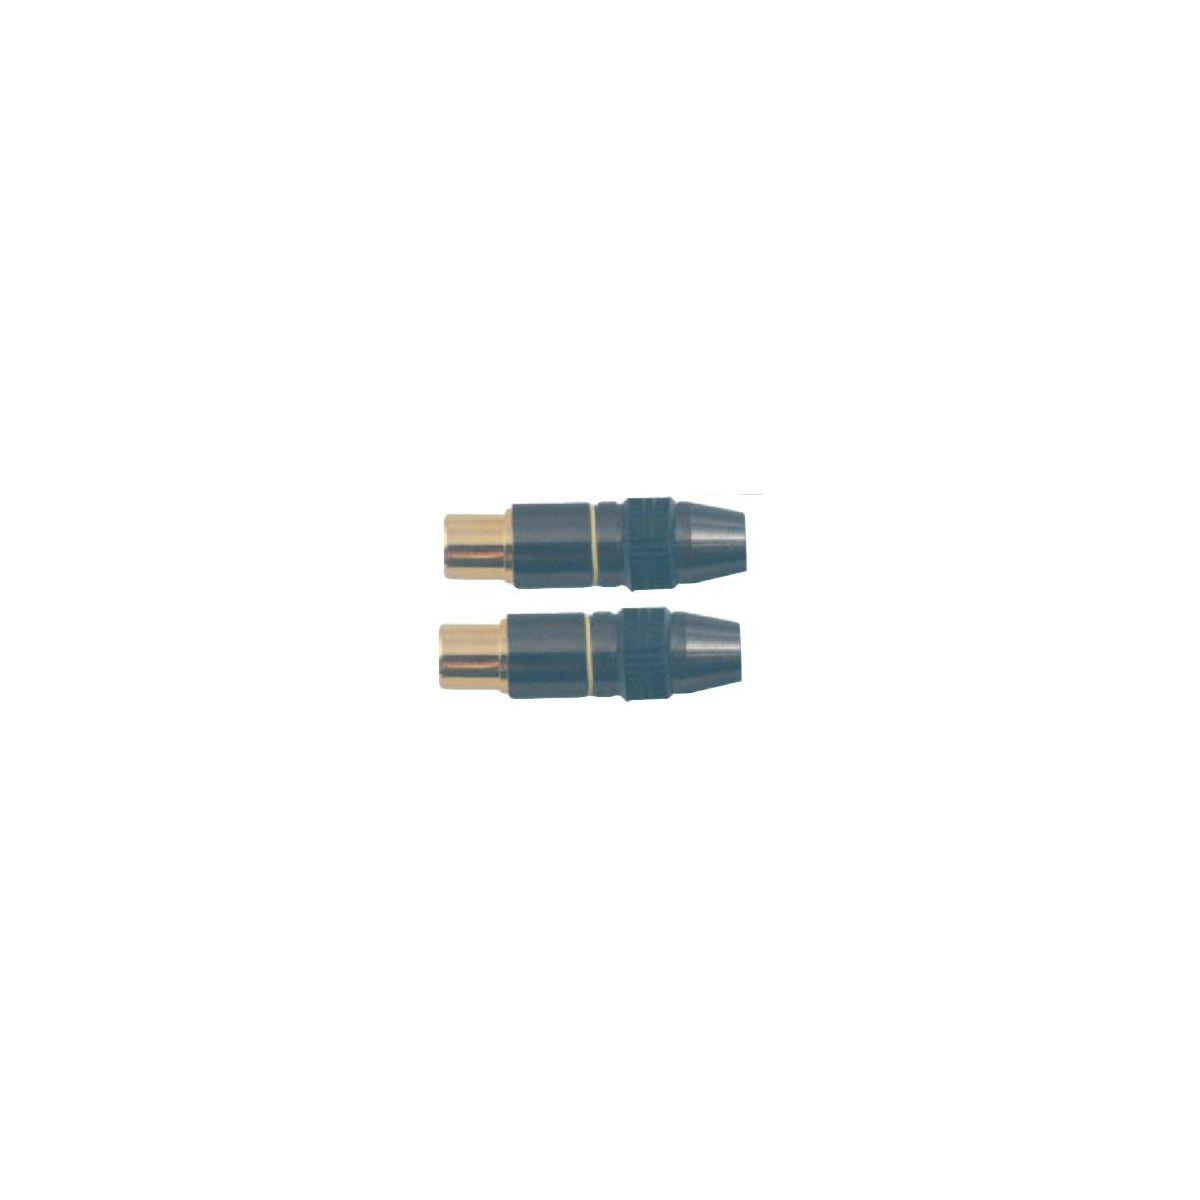 Fiche SC 9,52 Mâle *2 métal (photo)